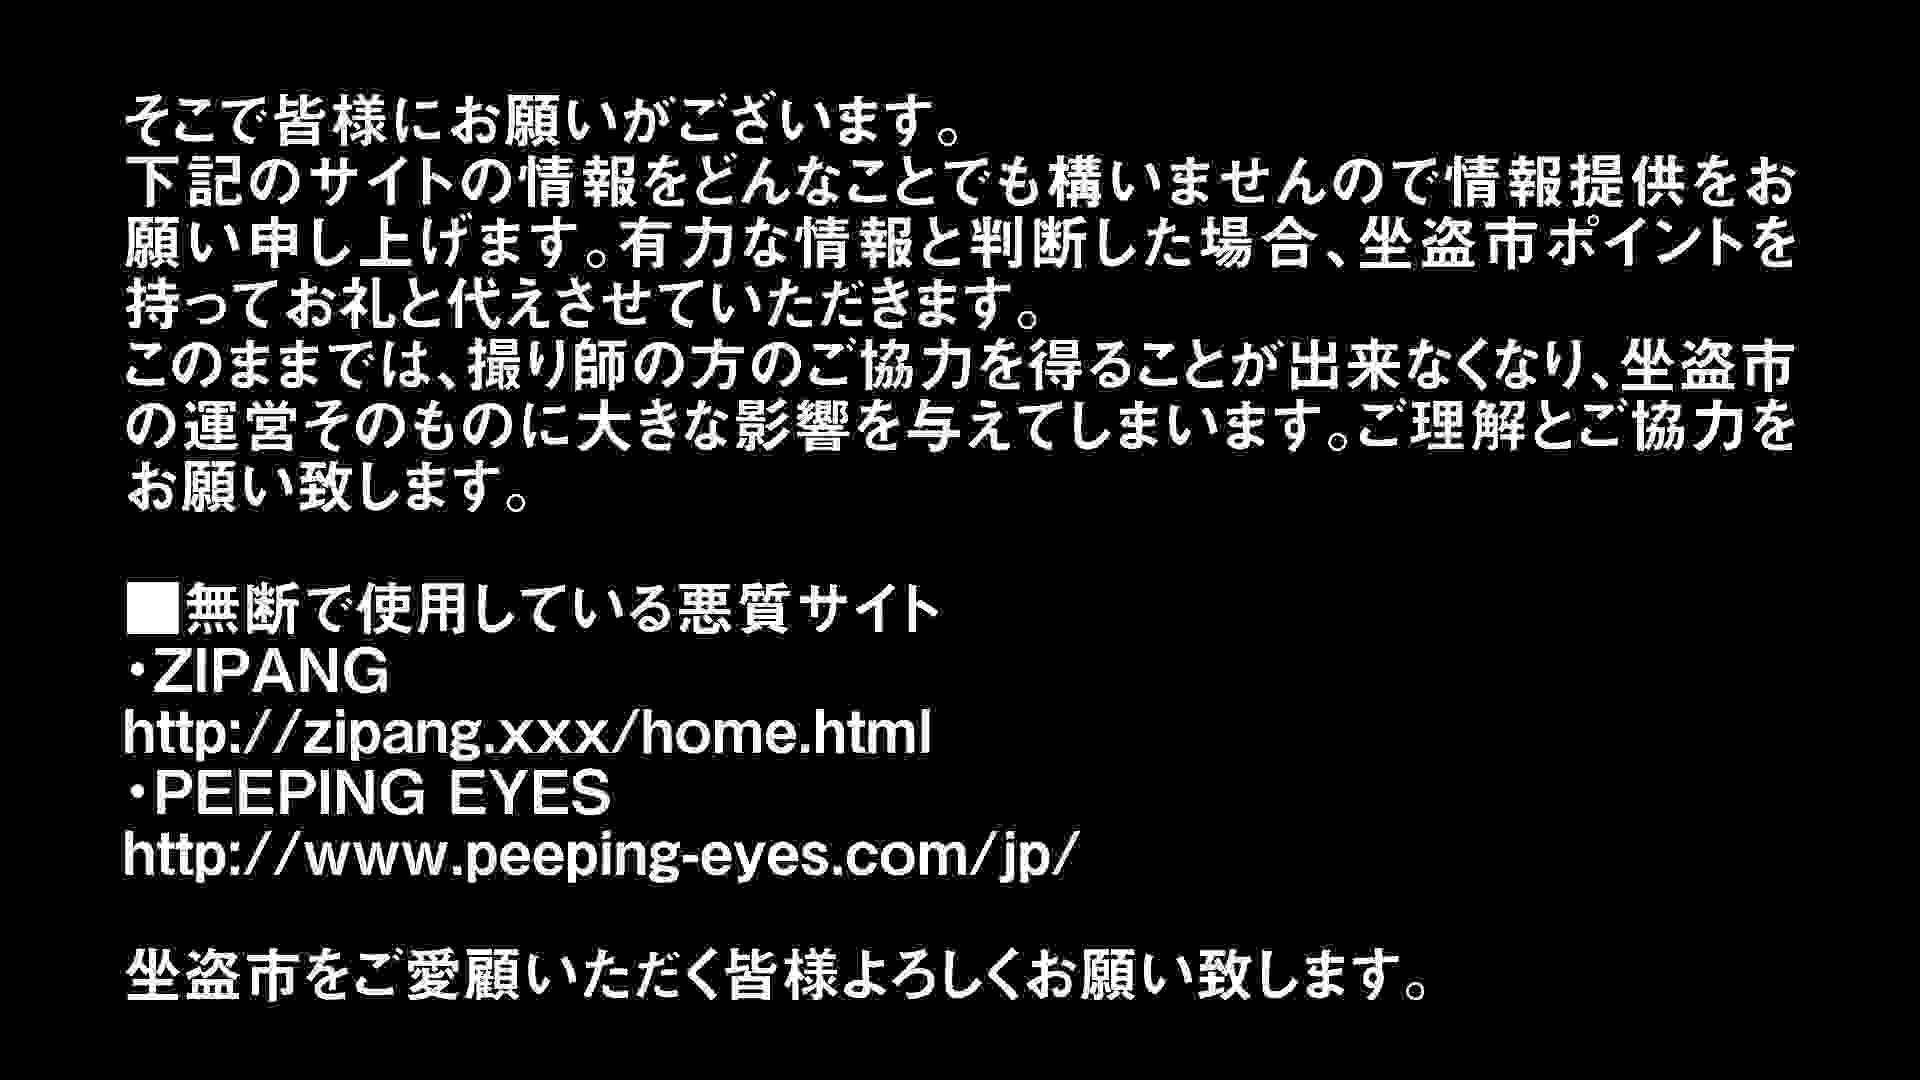 Aquaな露天風呂Vol.299 盗撮シリーズ  82PIX 24